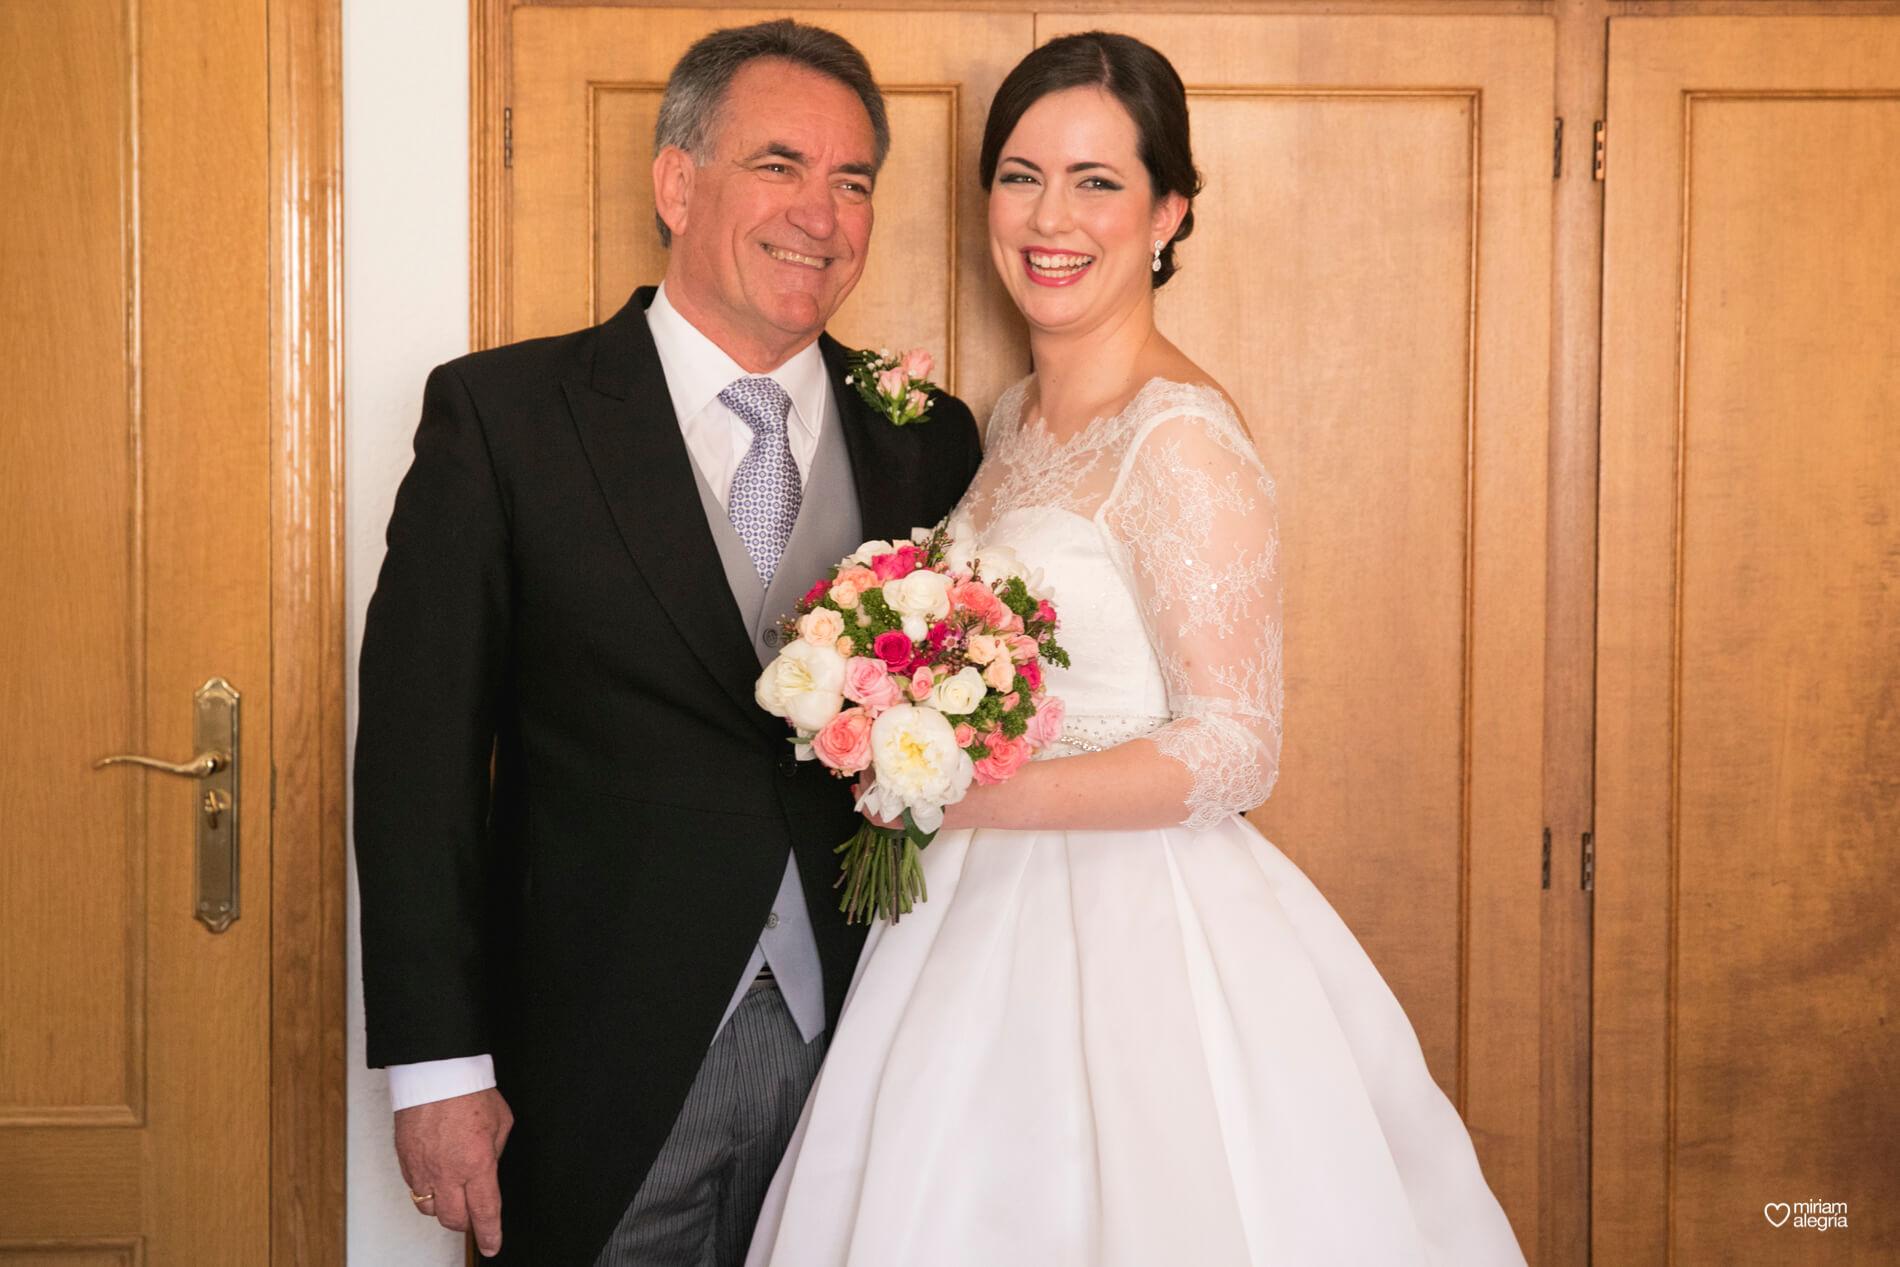 boda-en-el-rincon-huertano-miriam-alegria-fotografos-boda-murcia-22